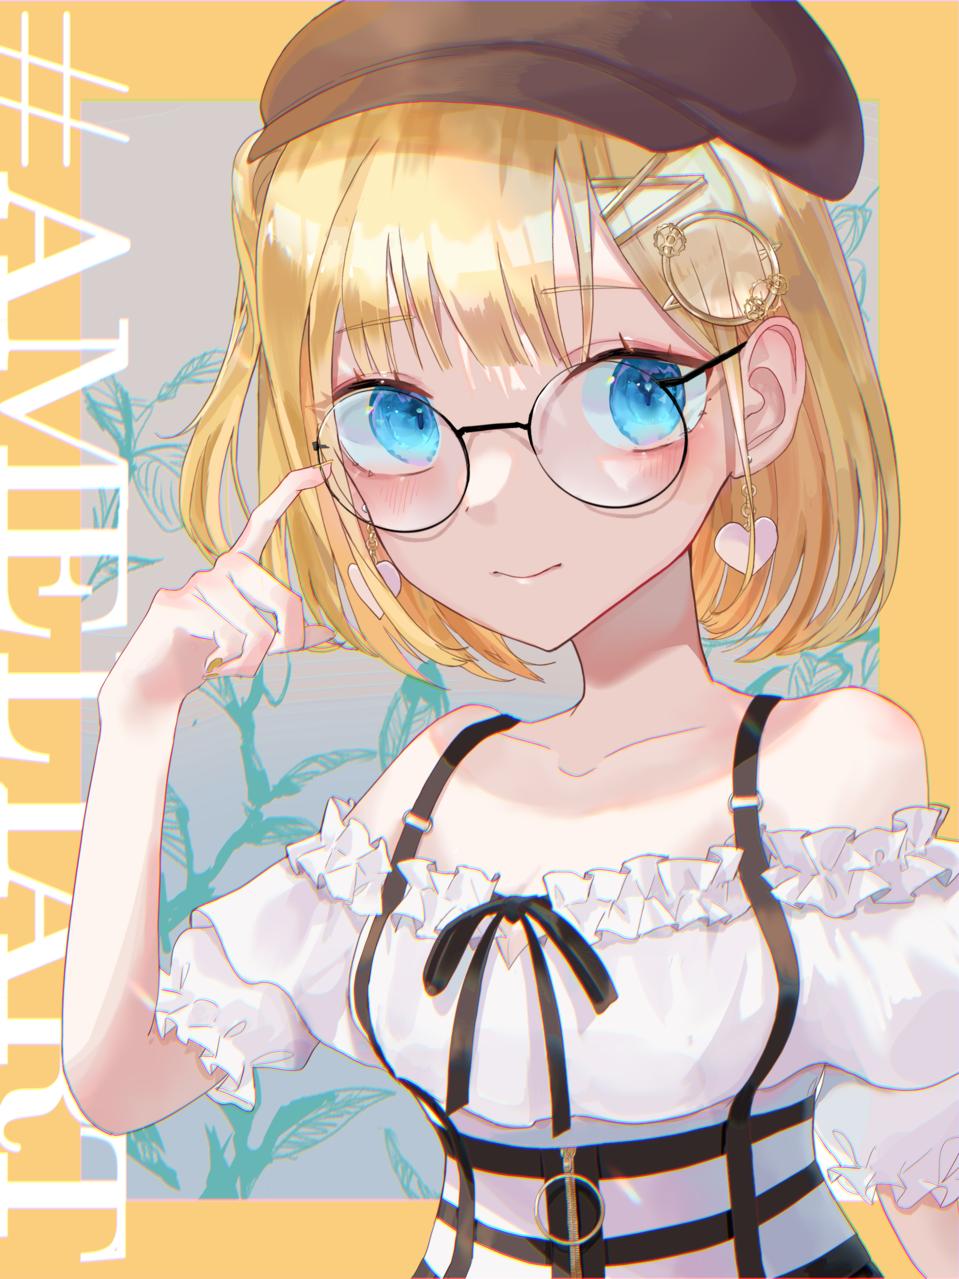 丸メガネ探偵 Illust of ねおん* glasses girl blueeyes illustration fanart virtual_YouTuber blonde